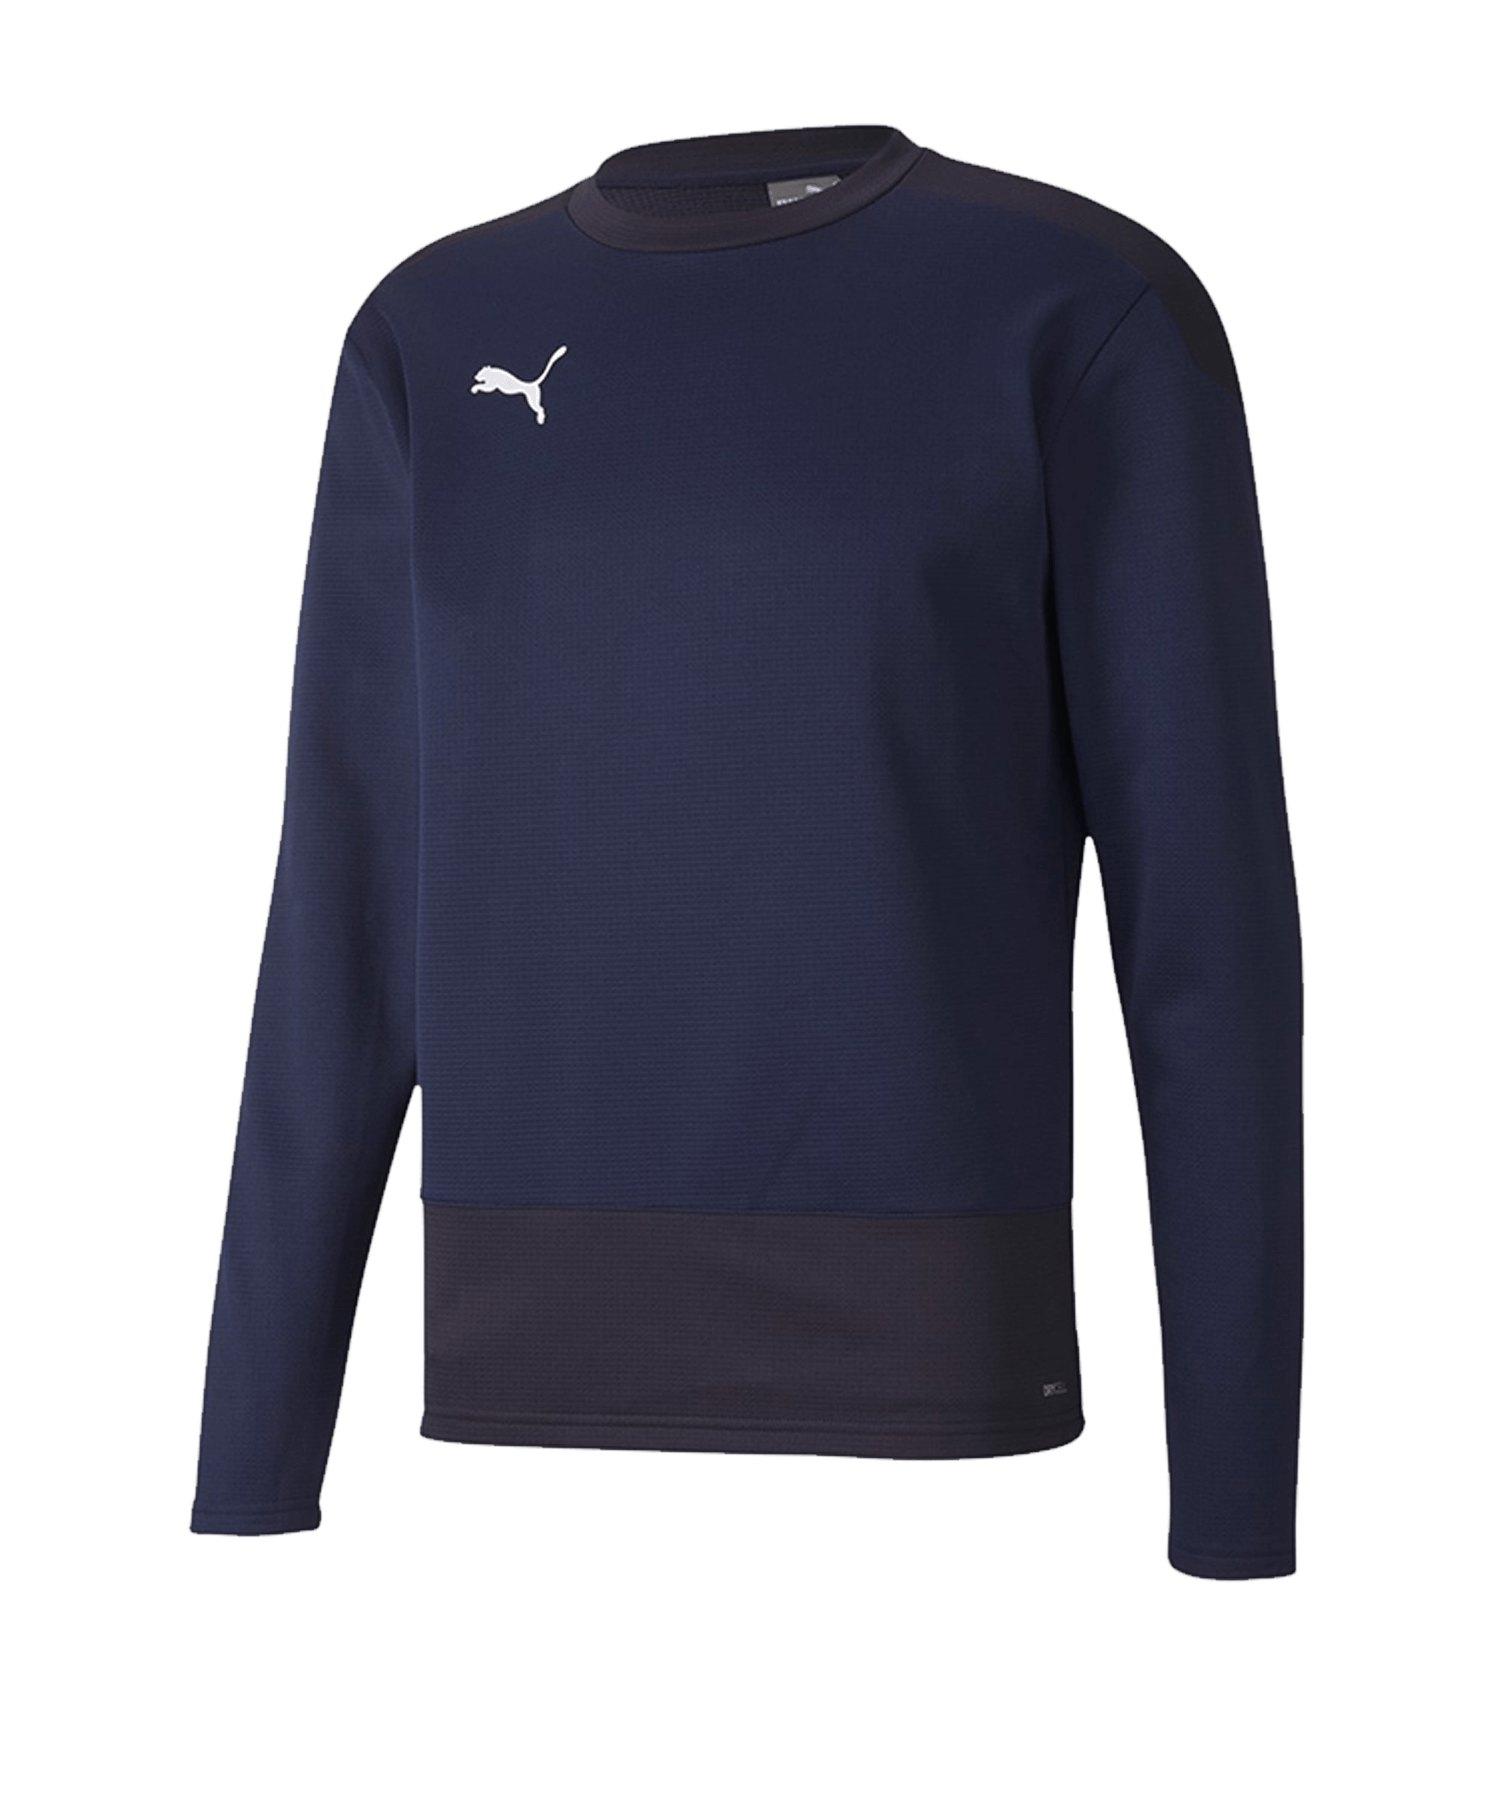 PUMA teamGOAL 23 Training Sweatshirt Kids Blau F06 - blau